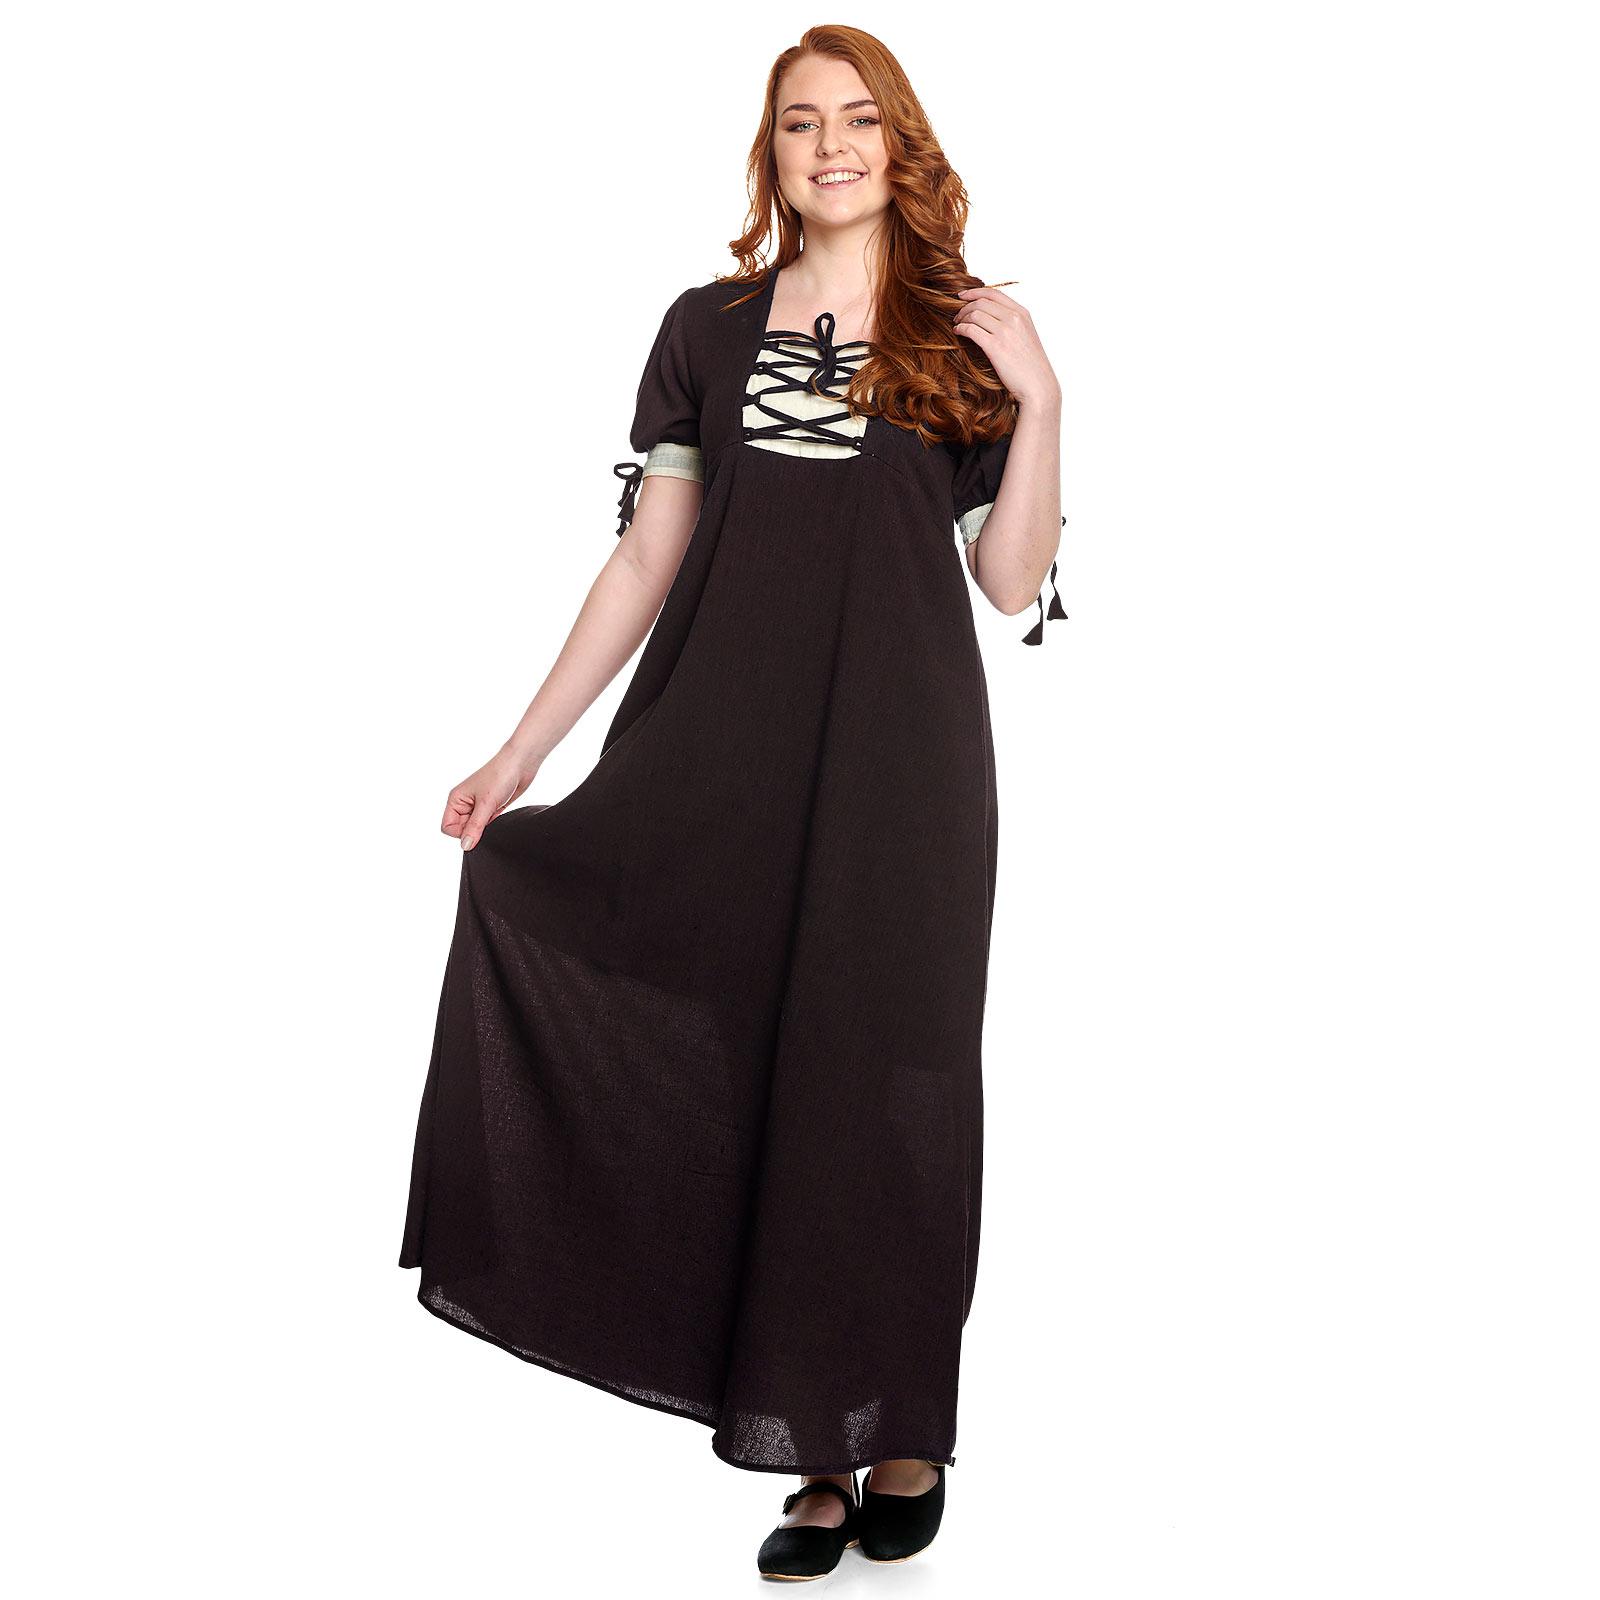 Mittelalter Sommer Kleid Lysa braun-beige